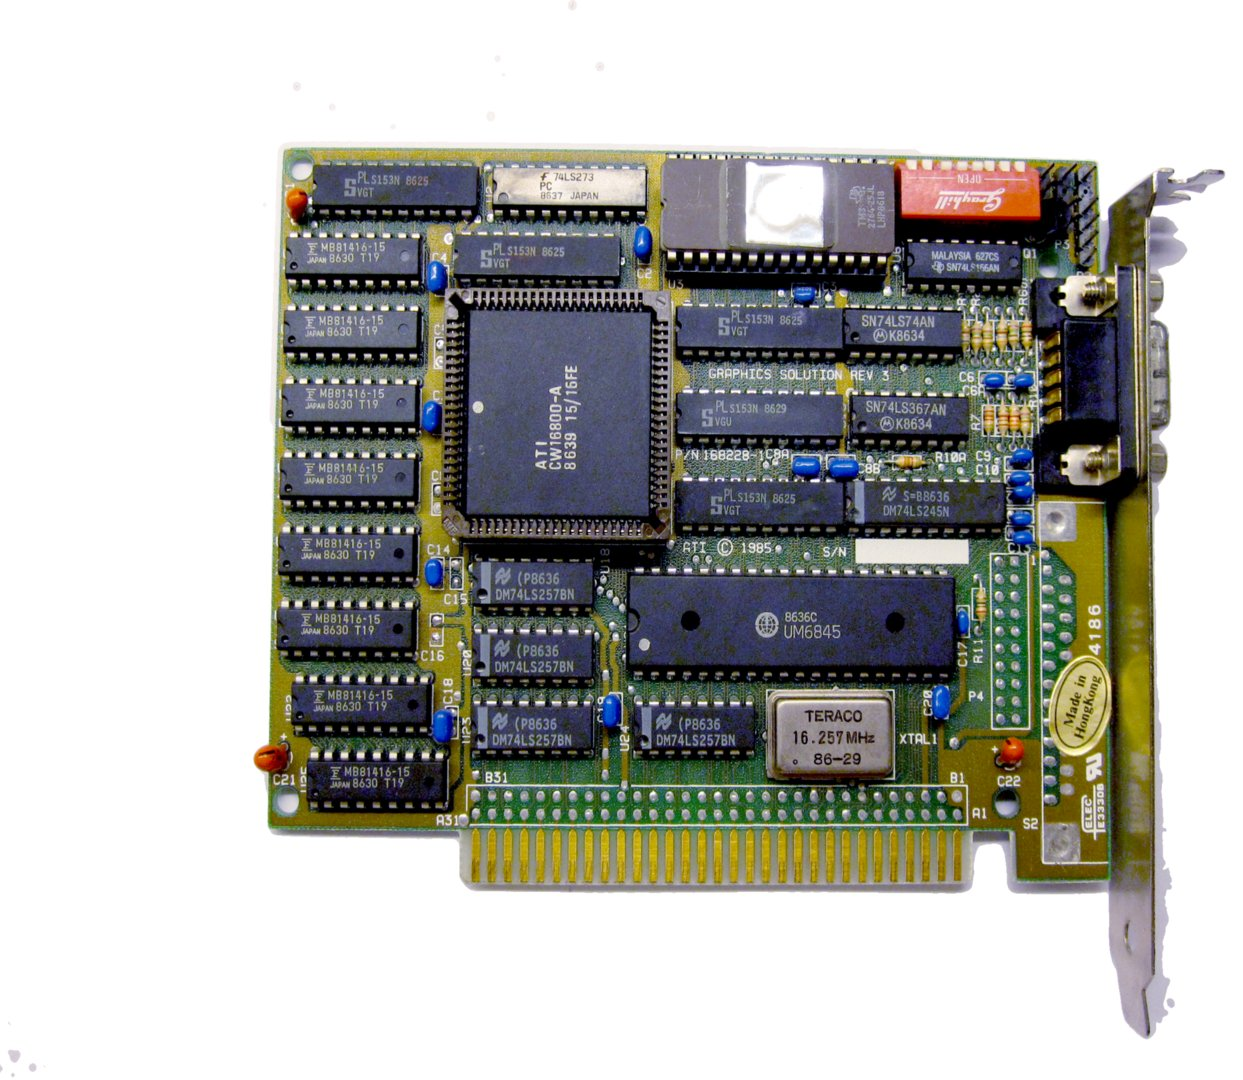 ATi Graphics Solution Rev 3 von 1986